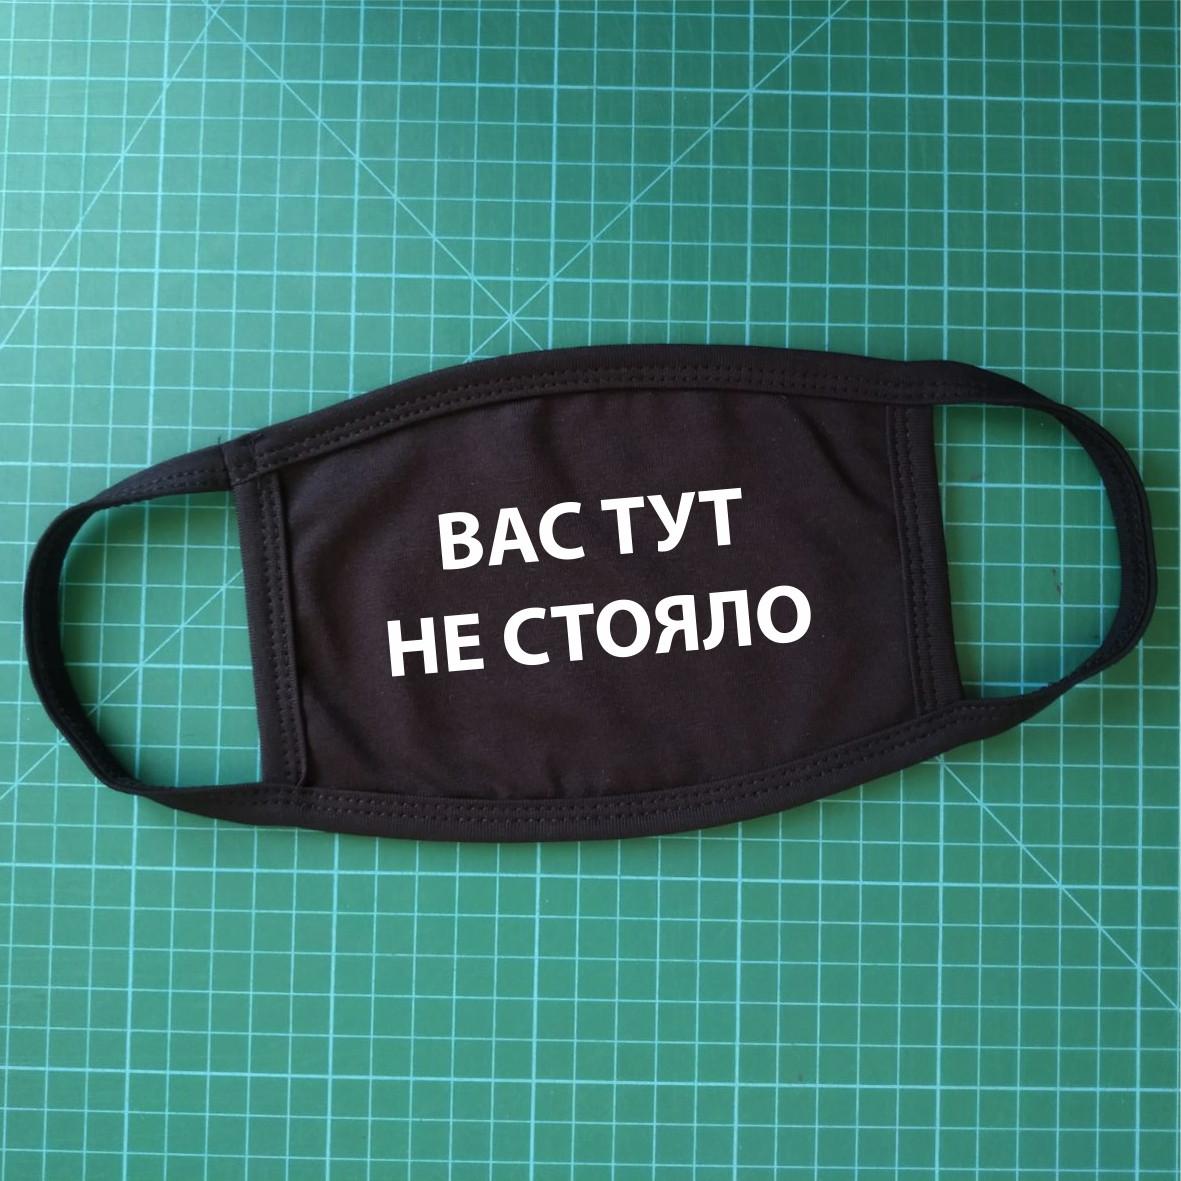 Тканевая сувенирная маска для лица. Вас тут не стояло